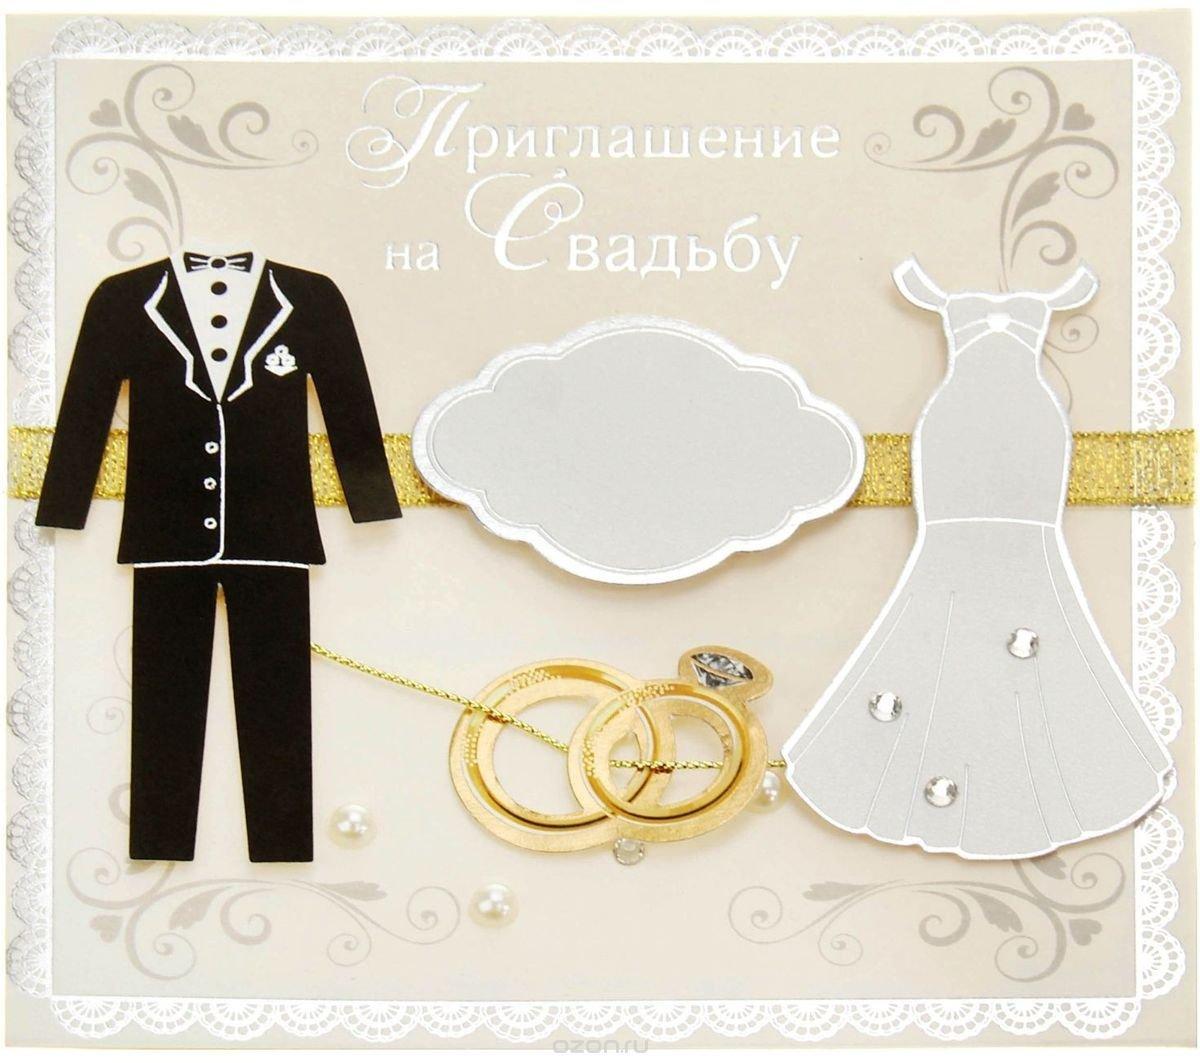 Набор для скрапбукинга открытка свадьба